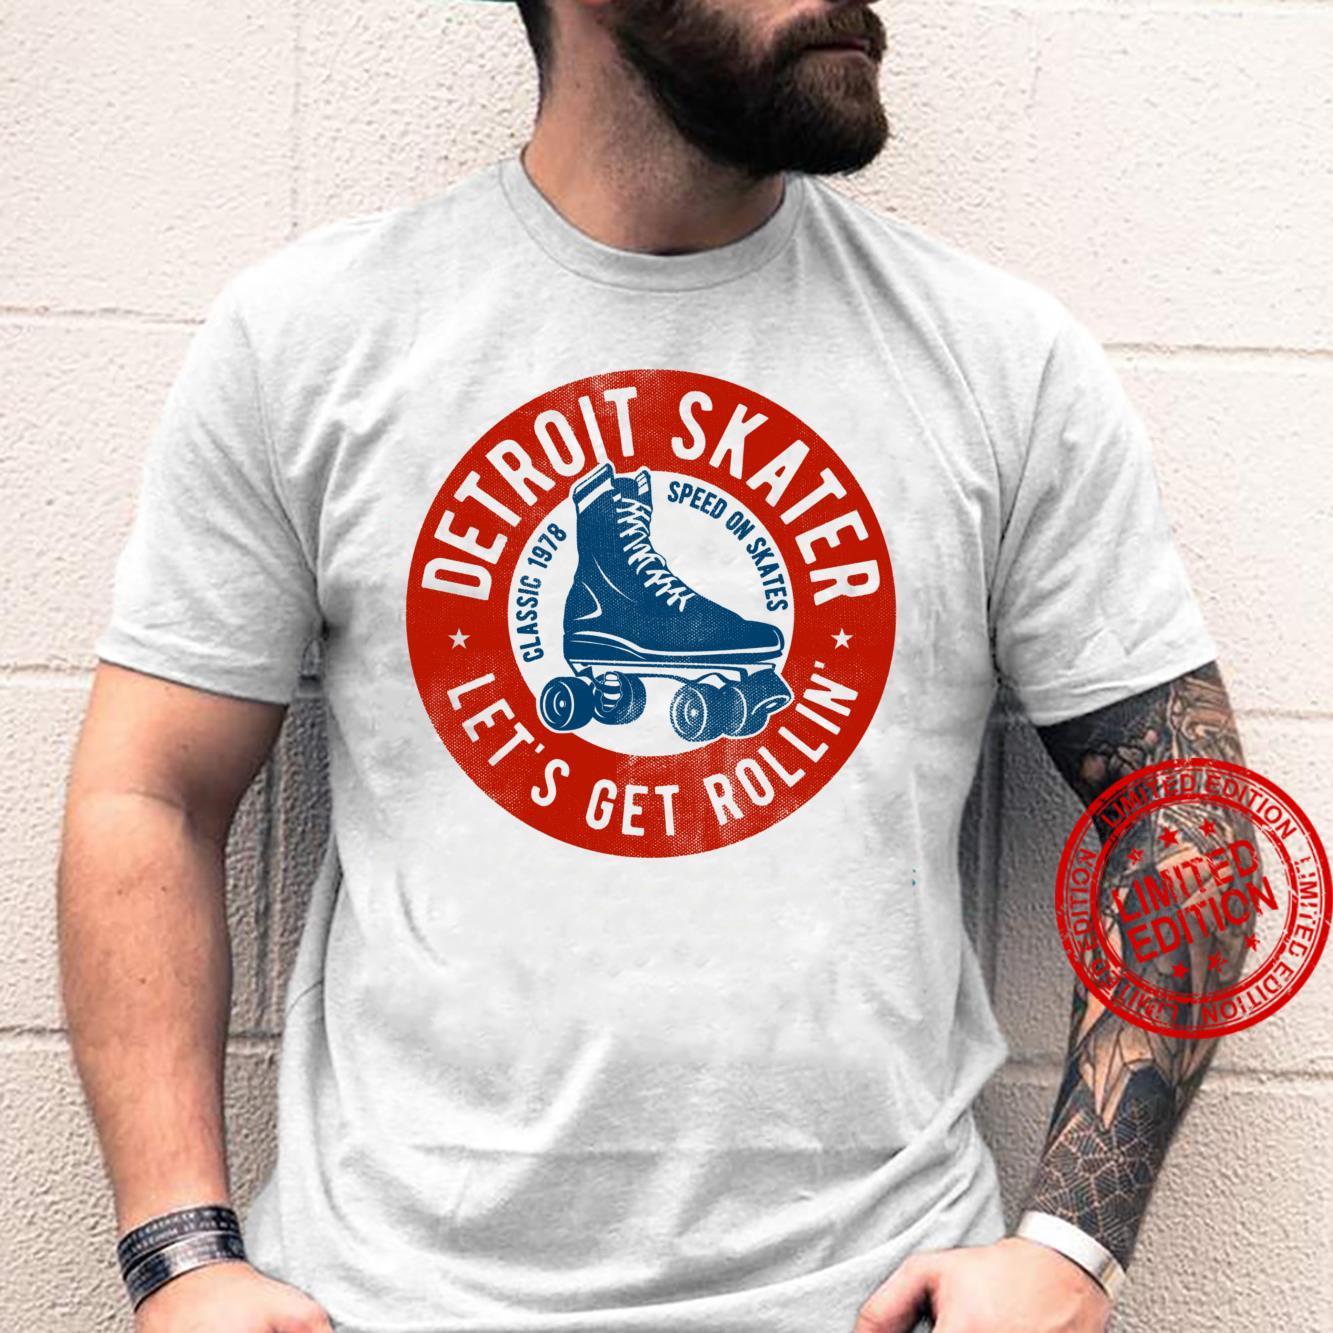 Detroit City Roller Skater gear. Vintage Shirt